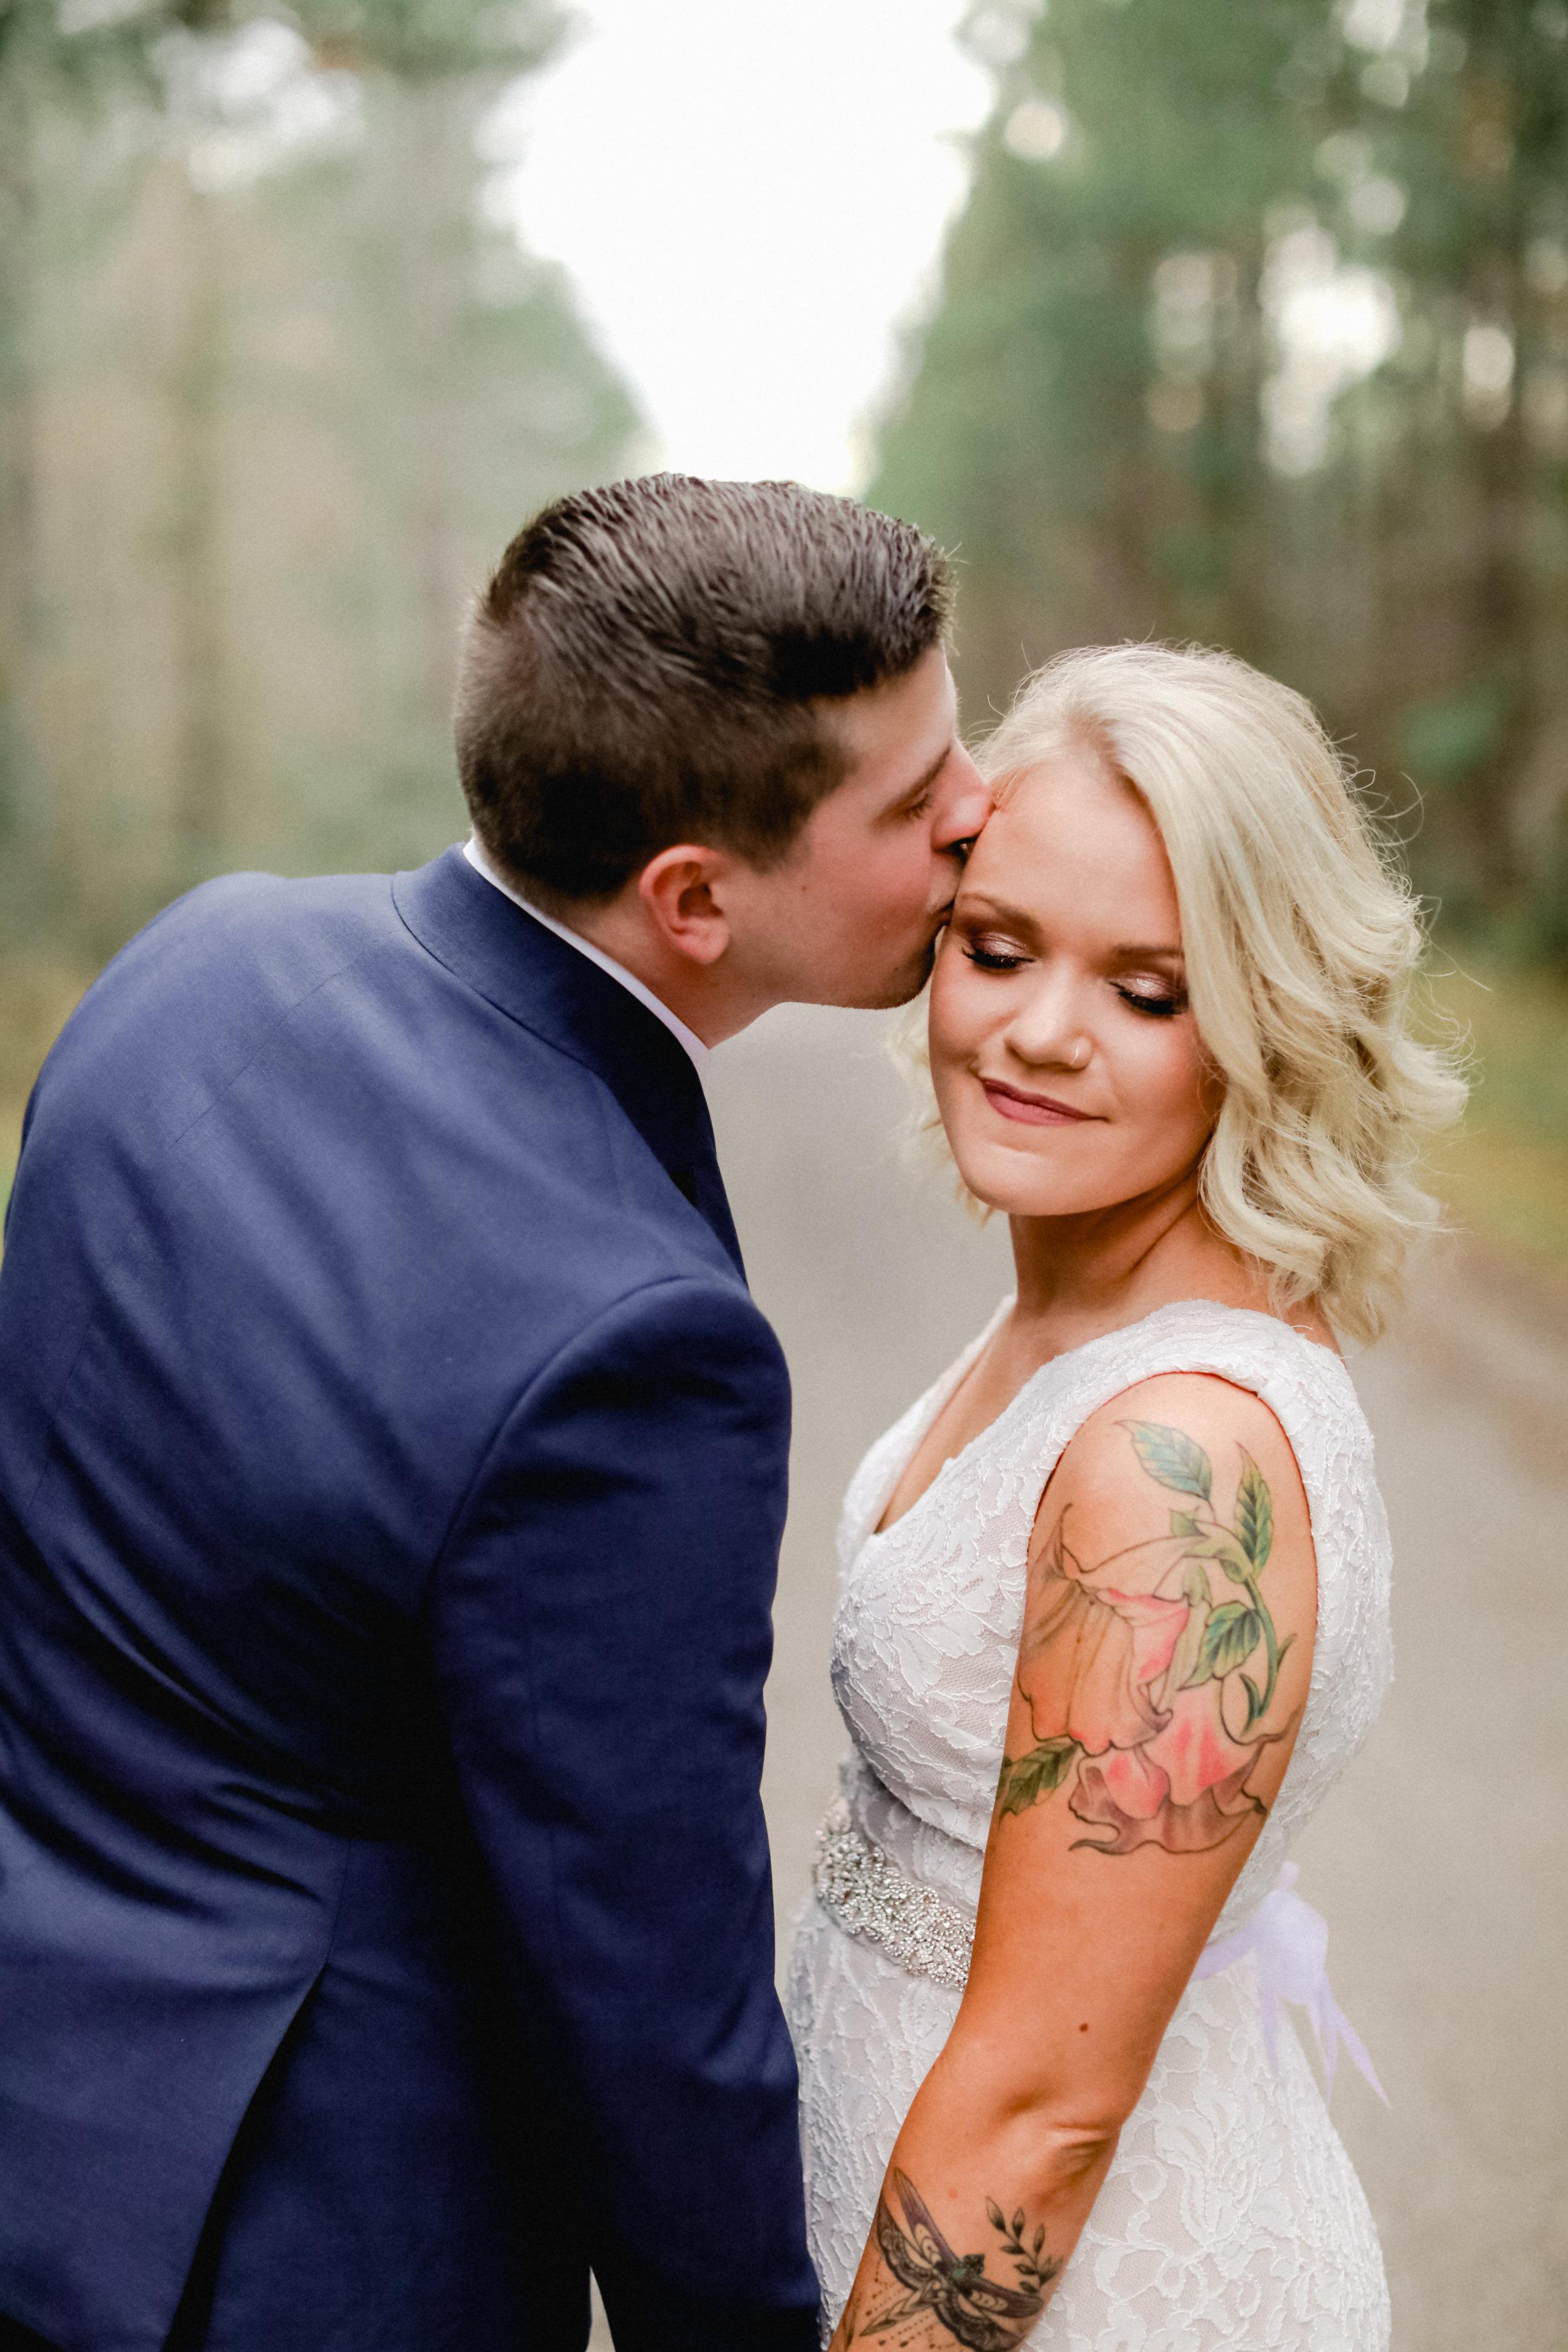 sara_kyle_married_newlywed_finals_2019-130.jpg